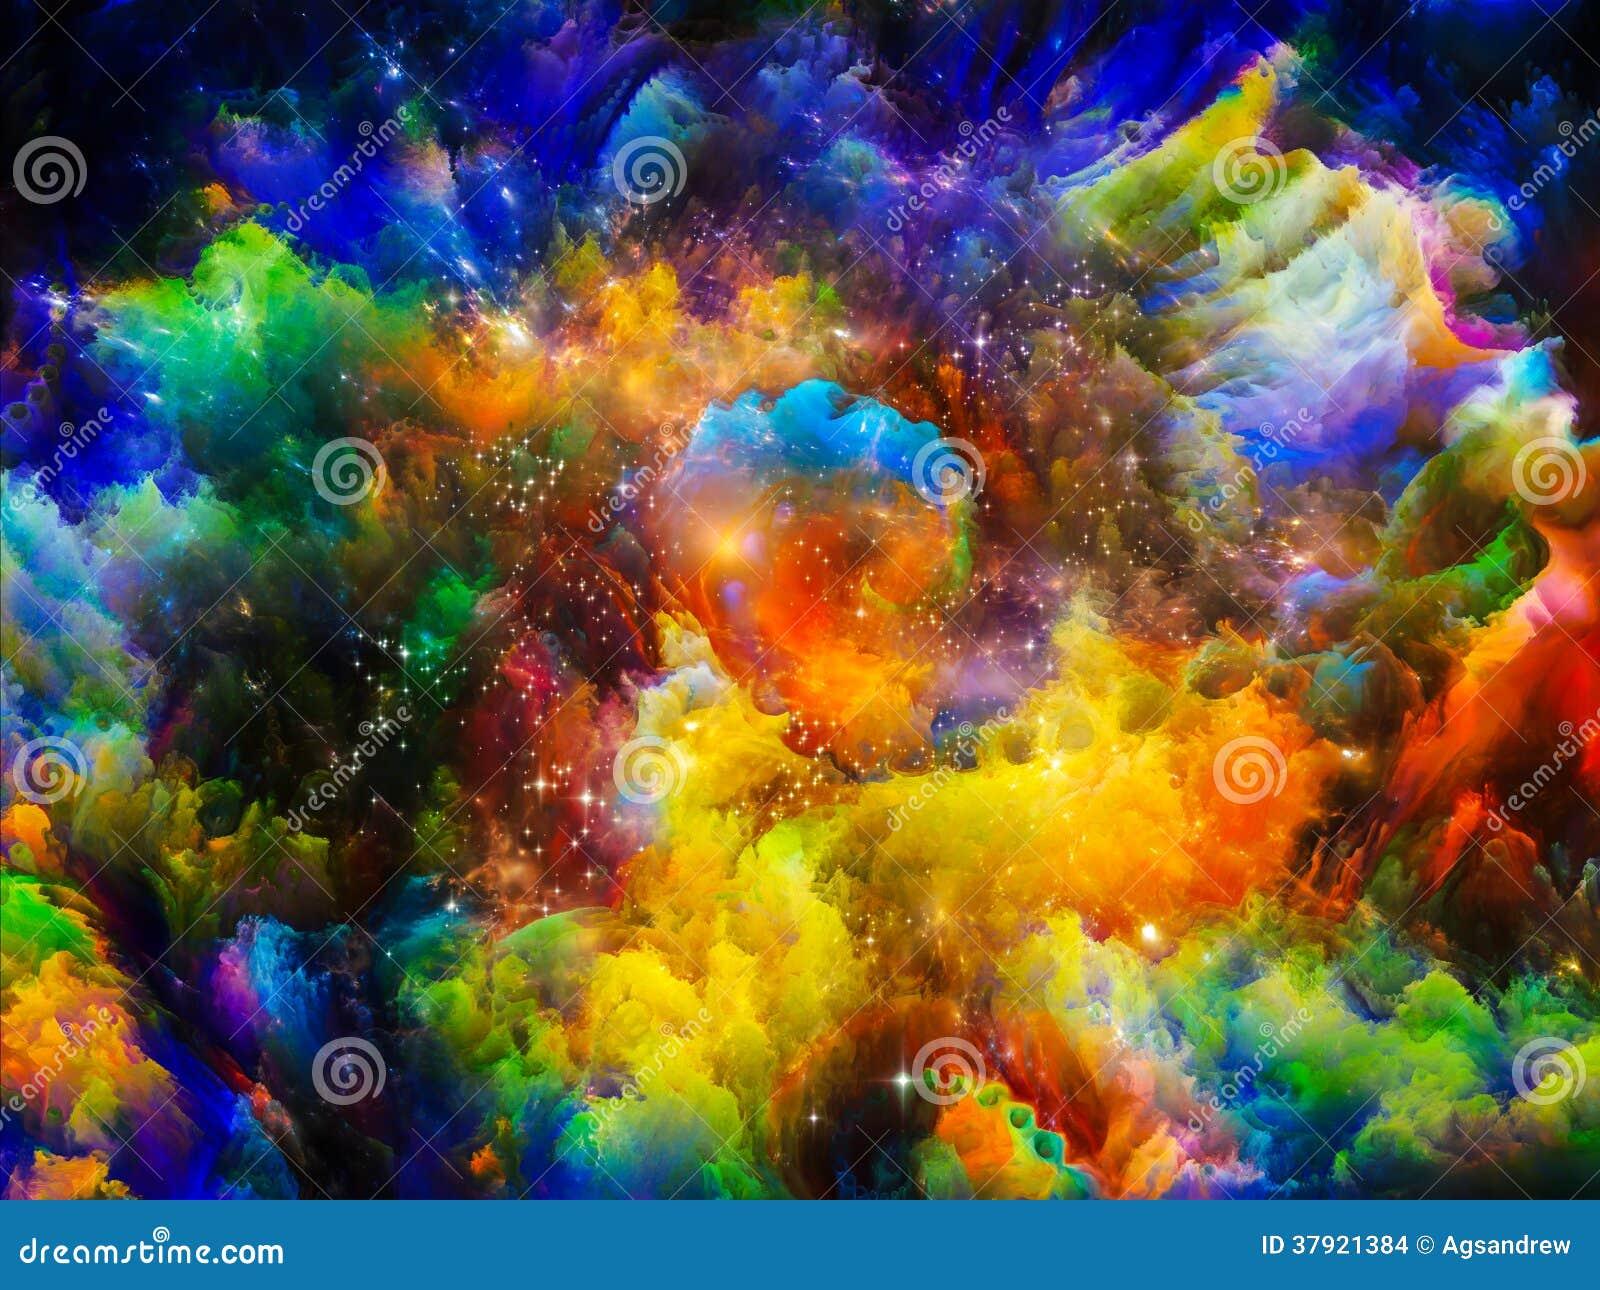 Ilustração Gratis Espaço Todos Os Universo Cosmos: Cores Da Nebulosa Ilustração Stock. Ilustração De Cosmos